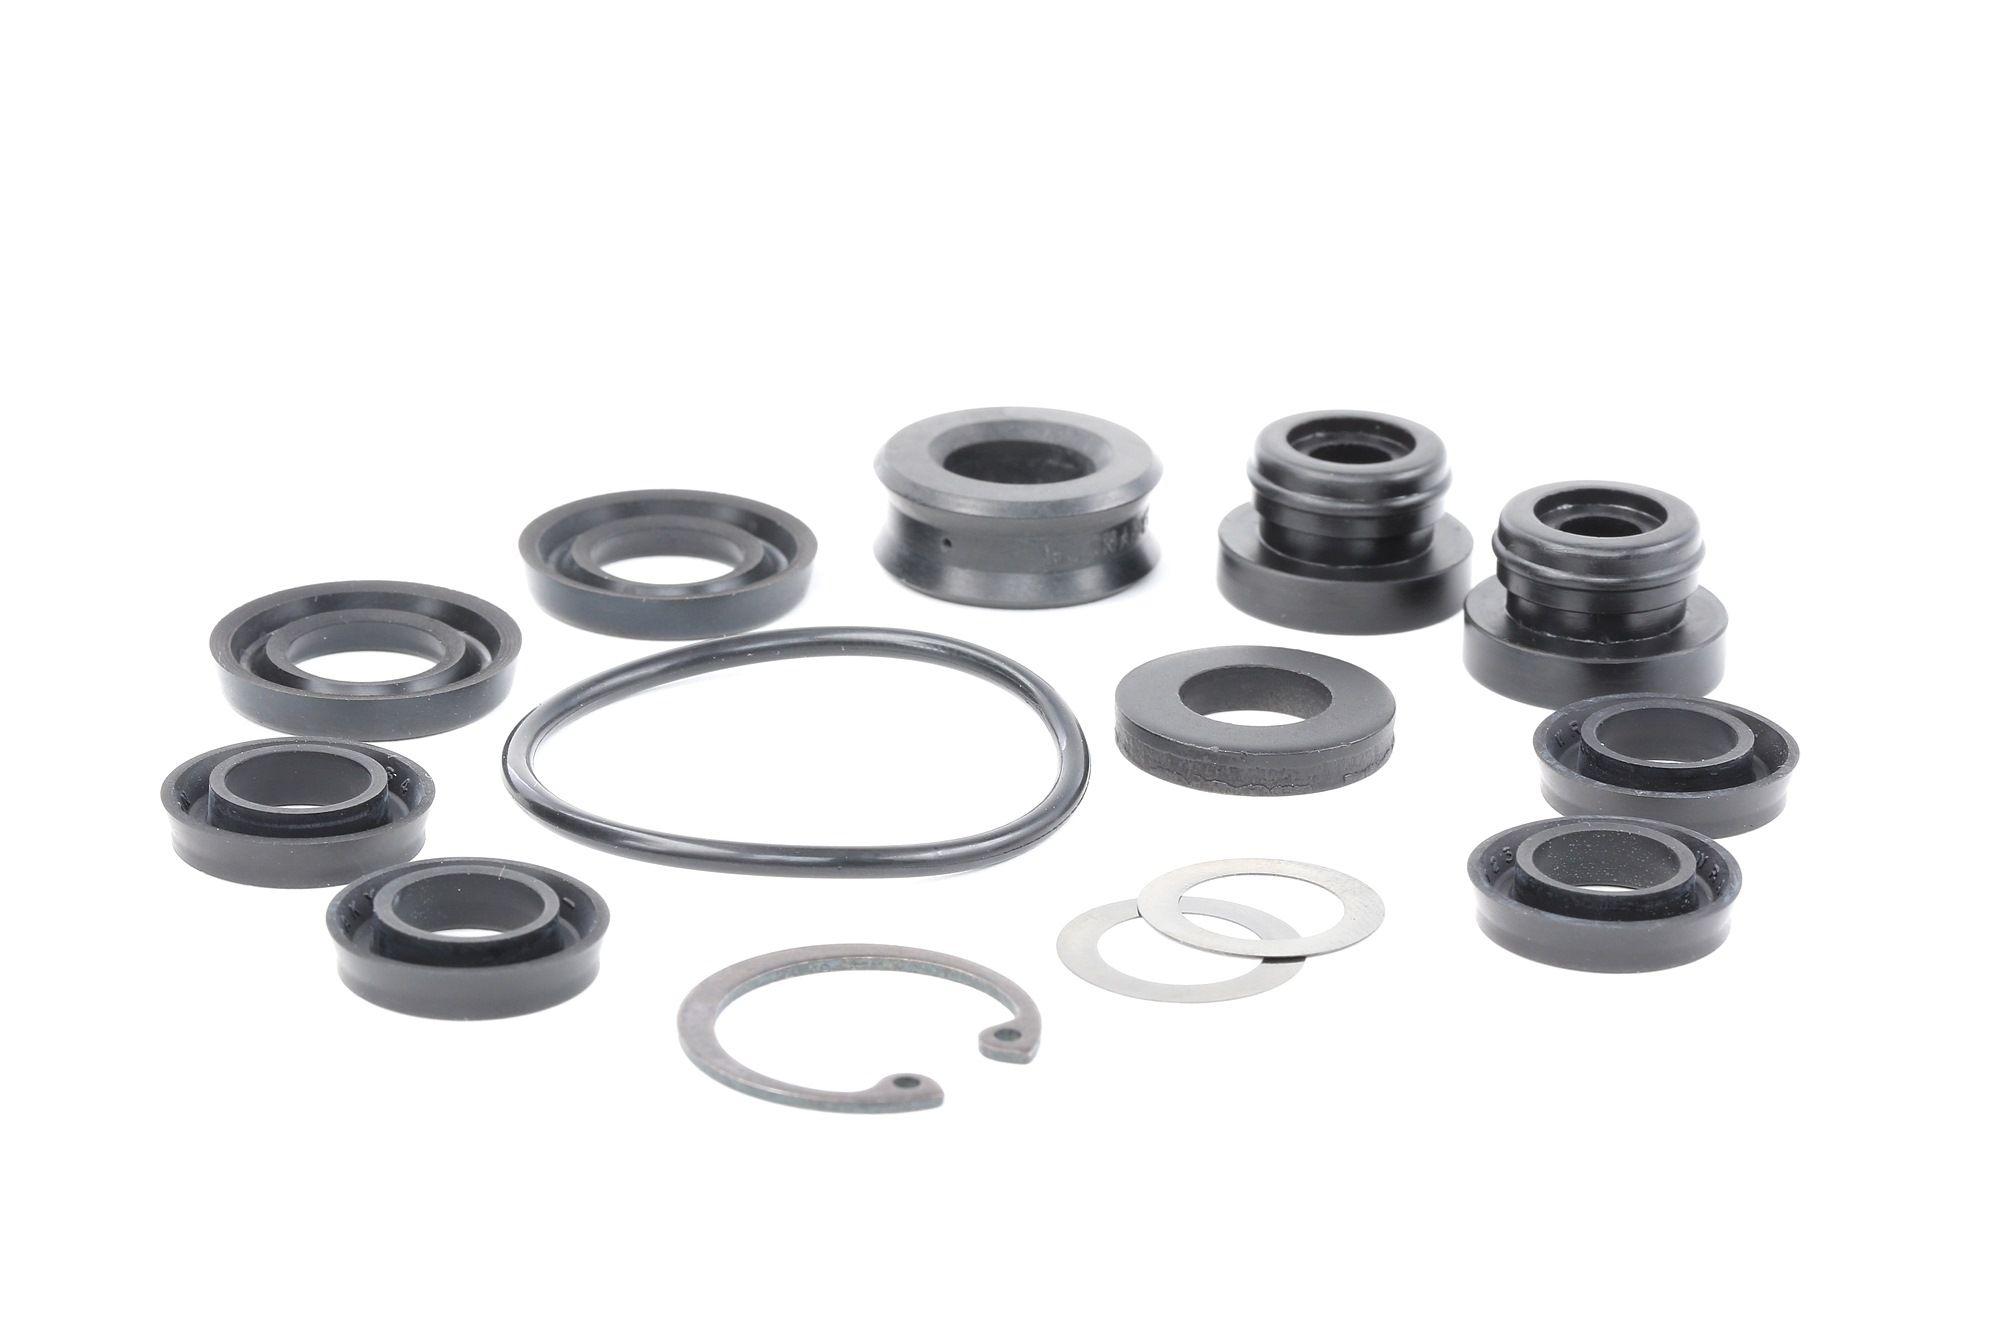 Kits de reparación 120009 con buena relación FRENKIT calidad-precio